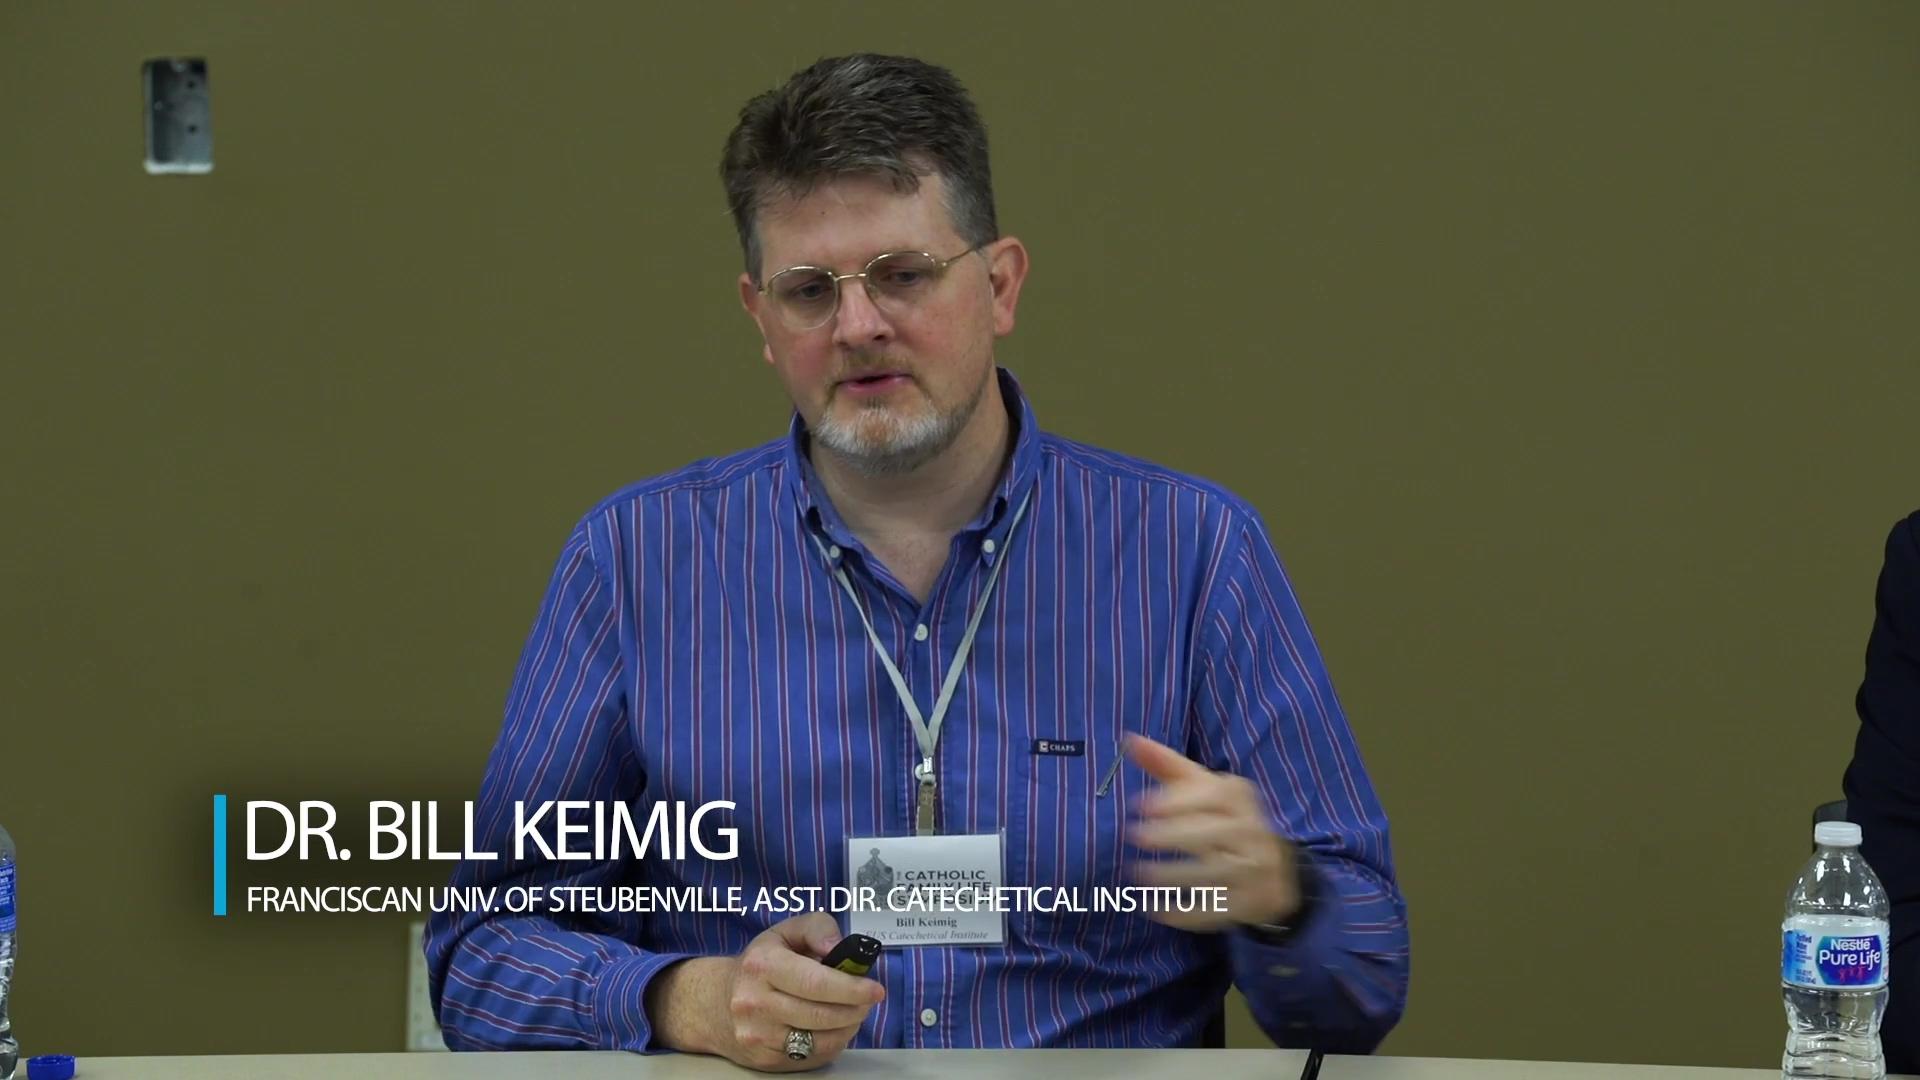 Dr. Bill Keimig